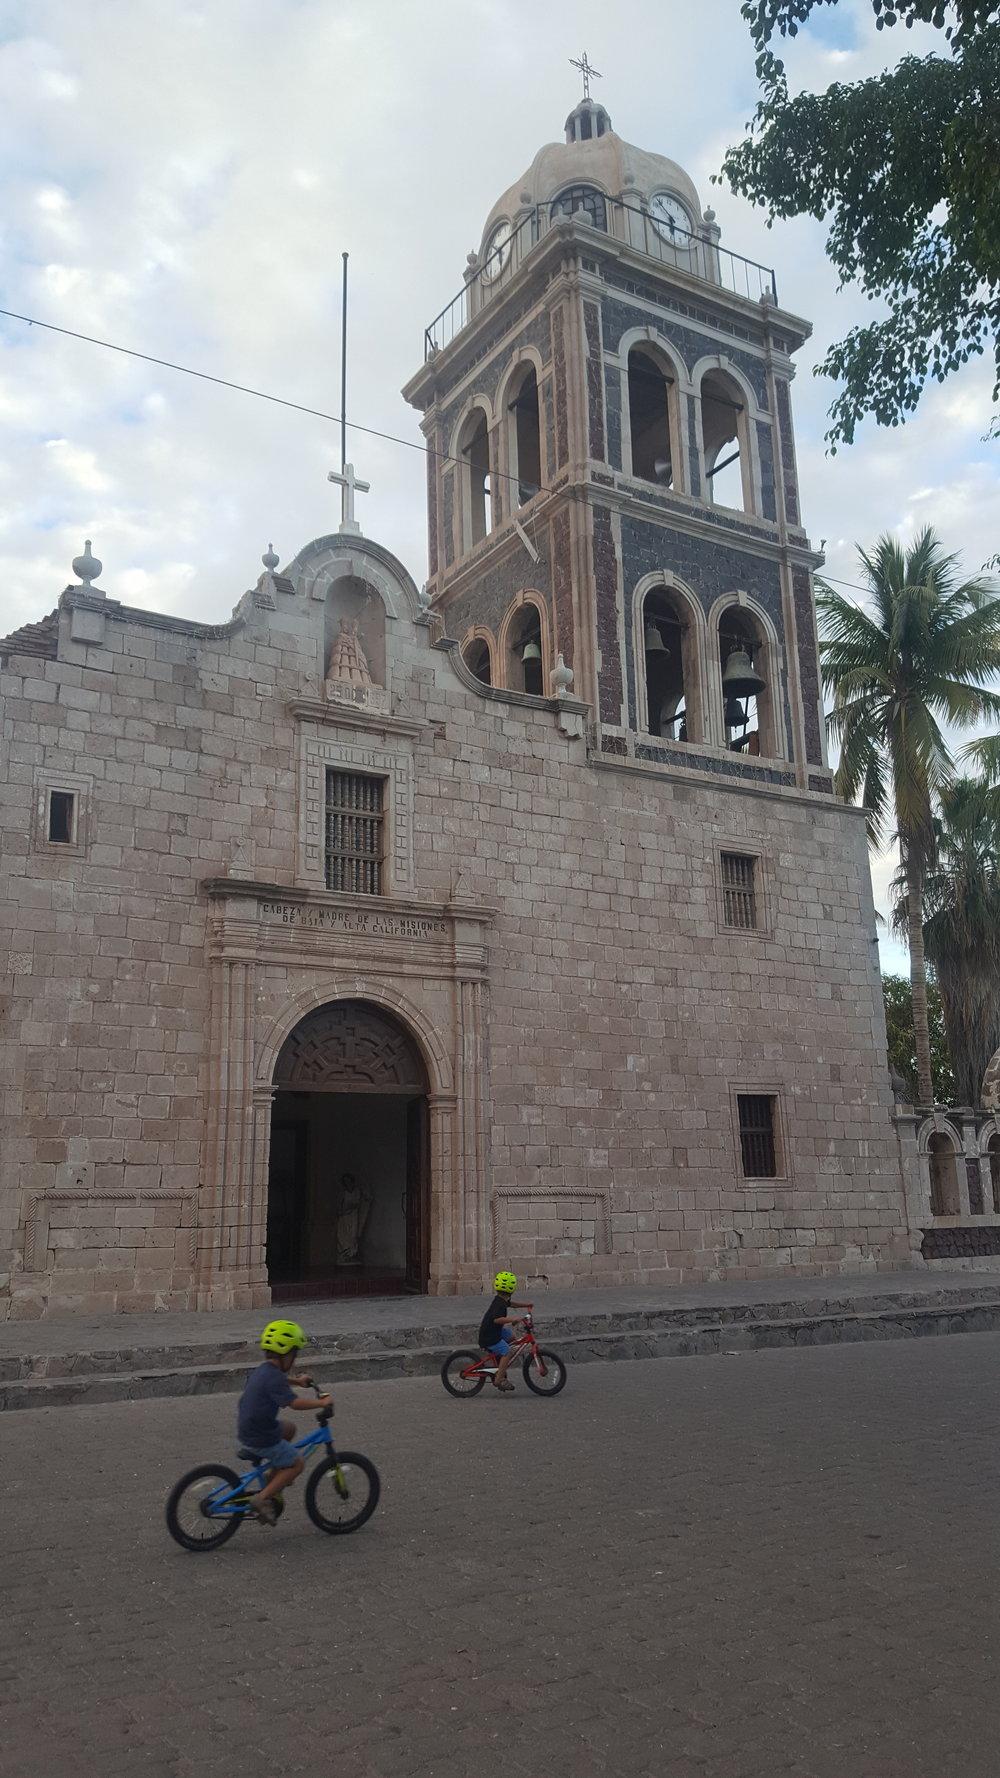 Biking past Misión de Nuestra Señora de Loreto Conchó